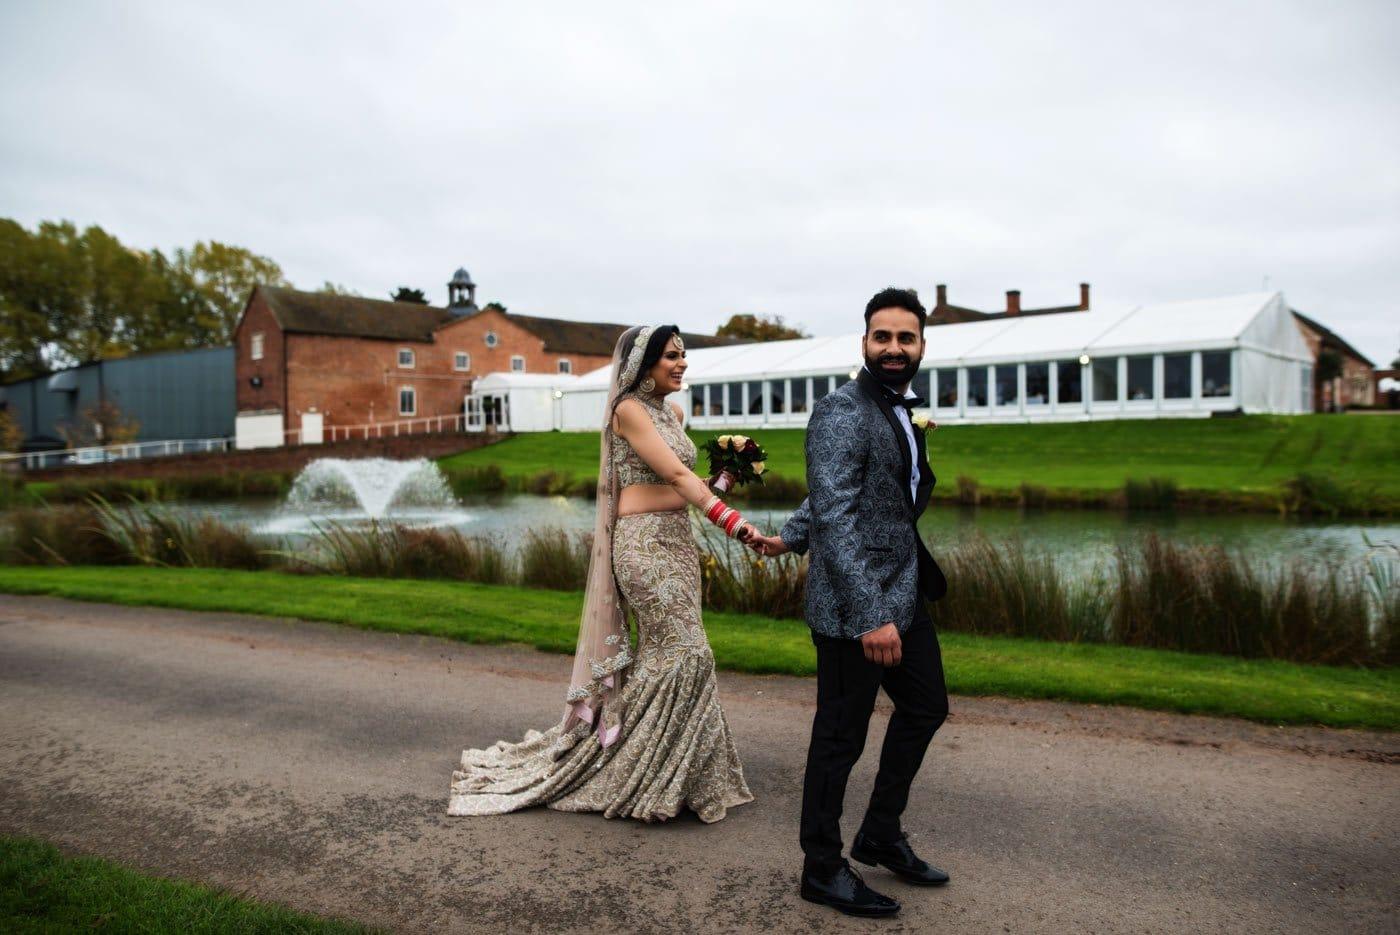 Hindu Wedding Photography at Alrewas Hayes // Ricky & Anu